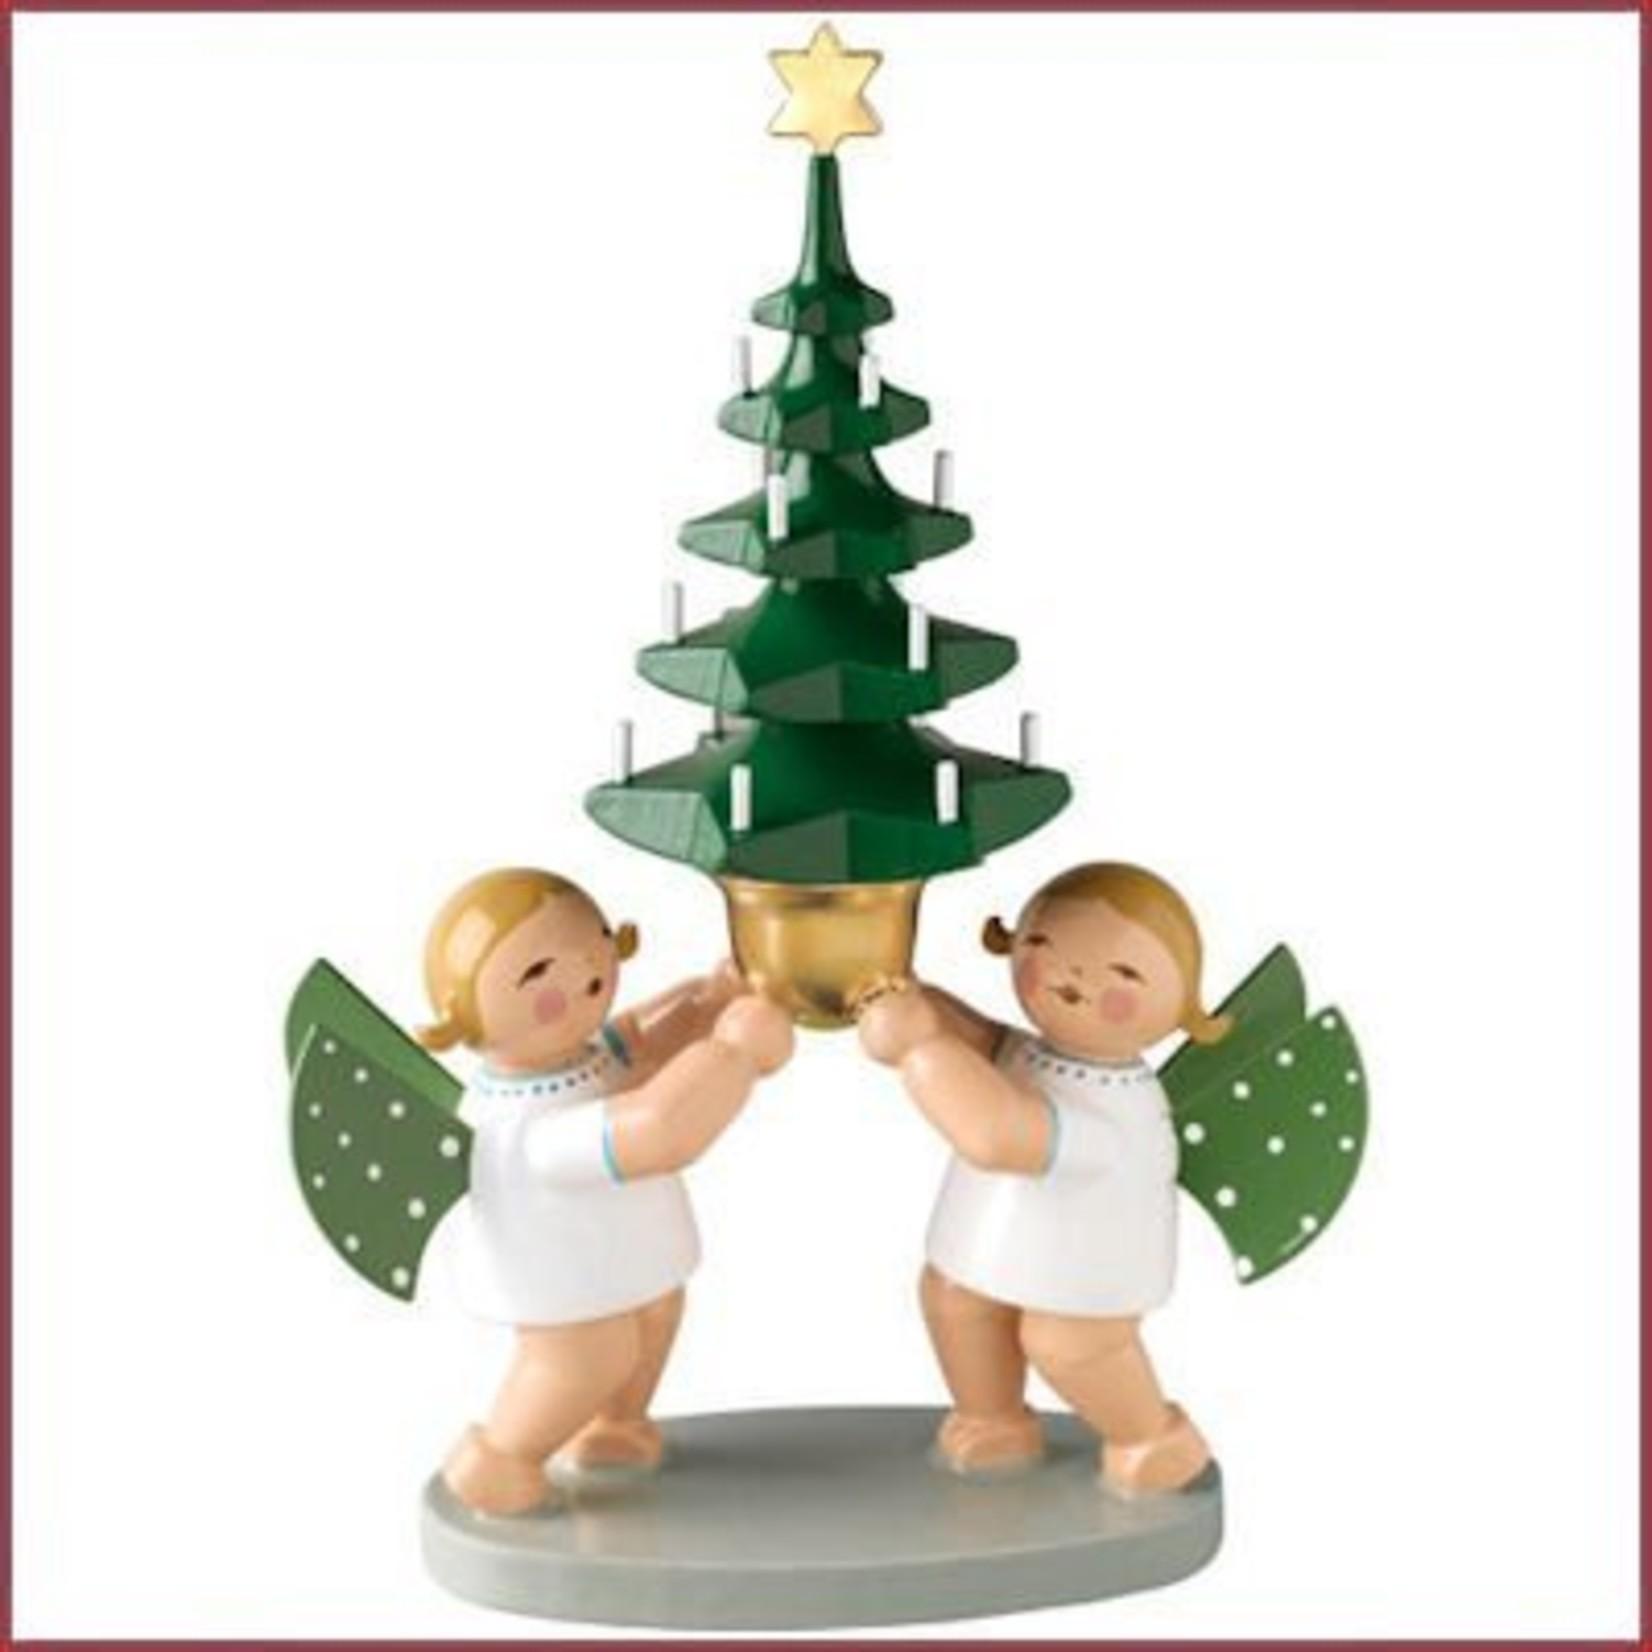 Wendt & Kühn Grunhainichense Engeltjes met kerstboom